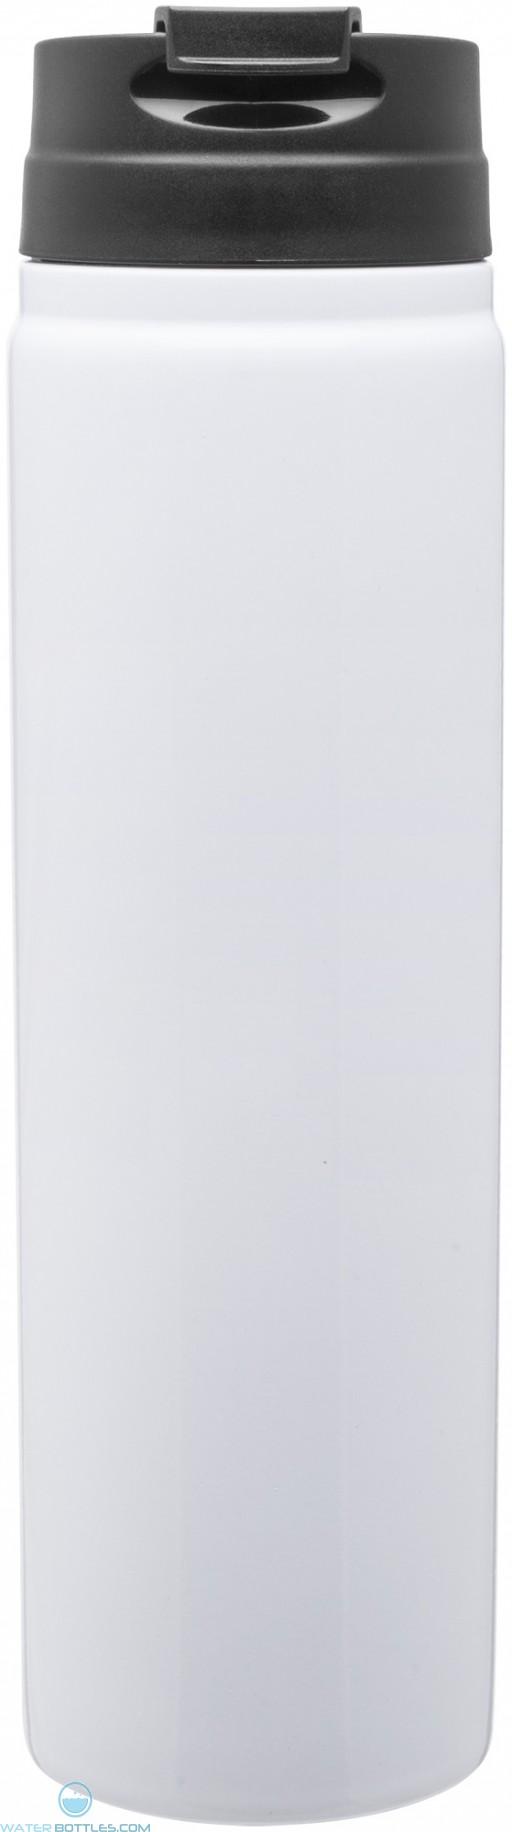 H2Go Nexus Thermal Tumblers 24 oz-White